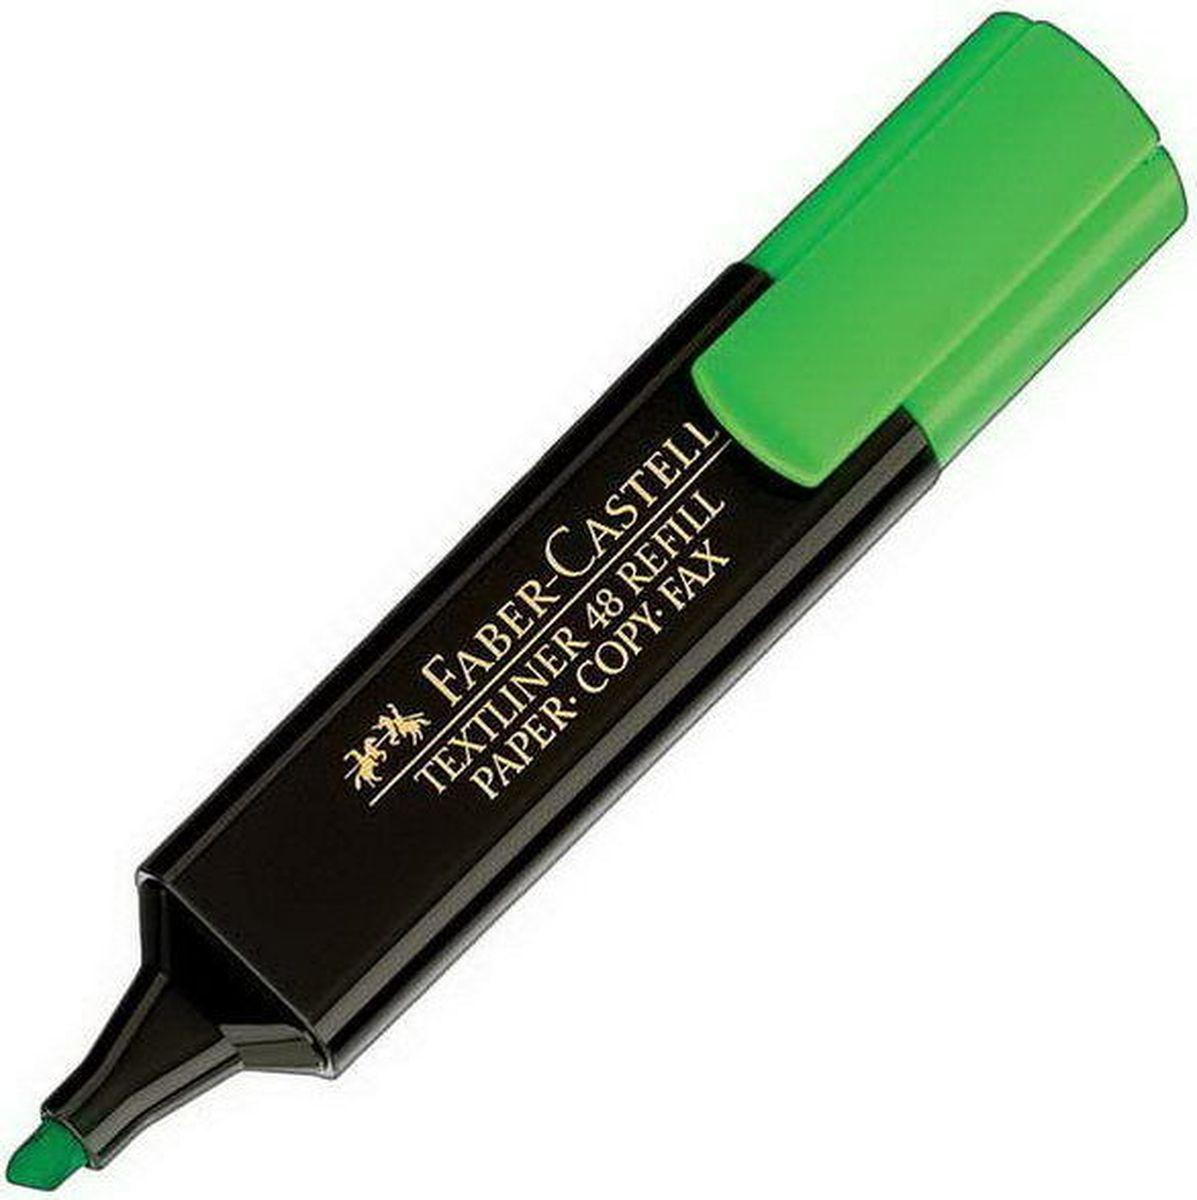 Faber-Castell Текстовыделитель 1548 цвет зеленый154863Текстовыделитель Faber-Castell станет незаменимым предметом как на столе школьника, так и студента.Имеет возможность повторногонаполнения. Он идеален для всех видов бумаги. Чернила на водной основе.Линия маркировки шириной 5, 2 или1 мм.